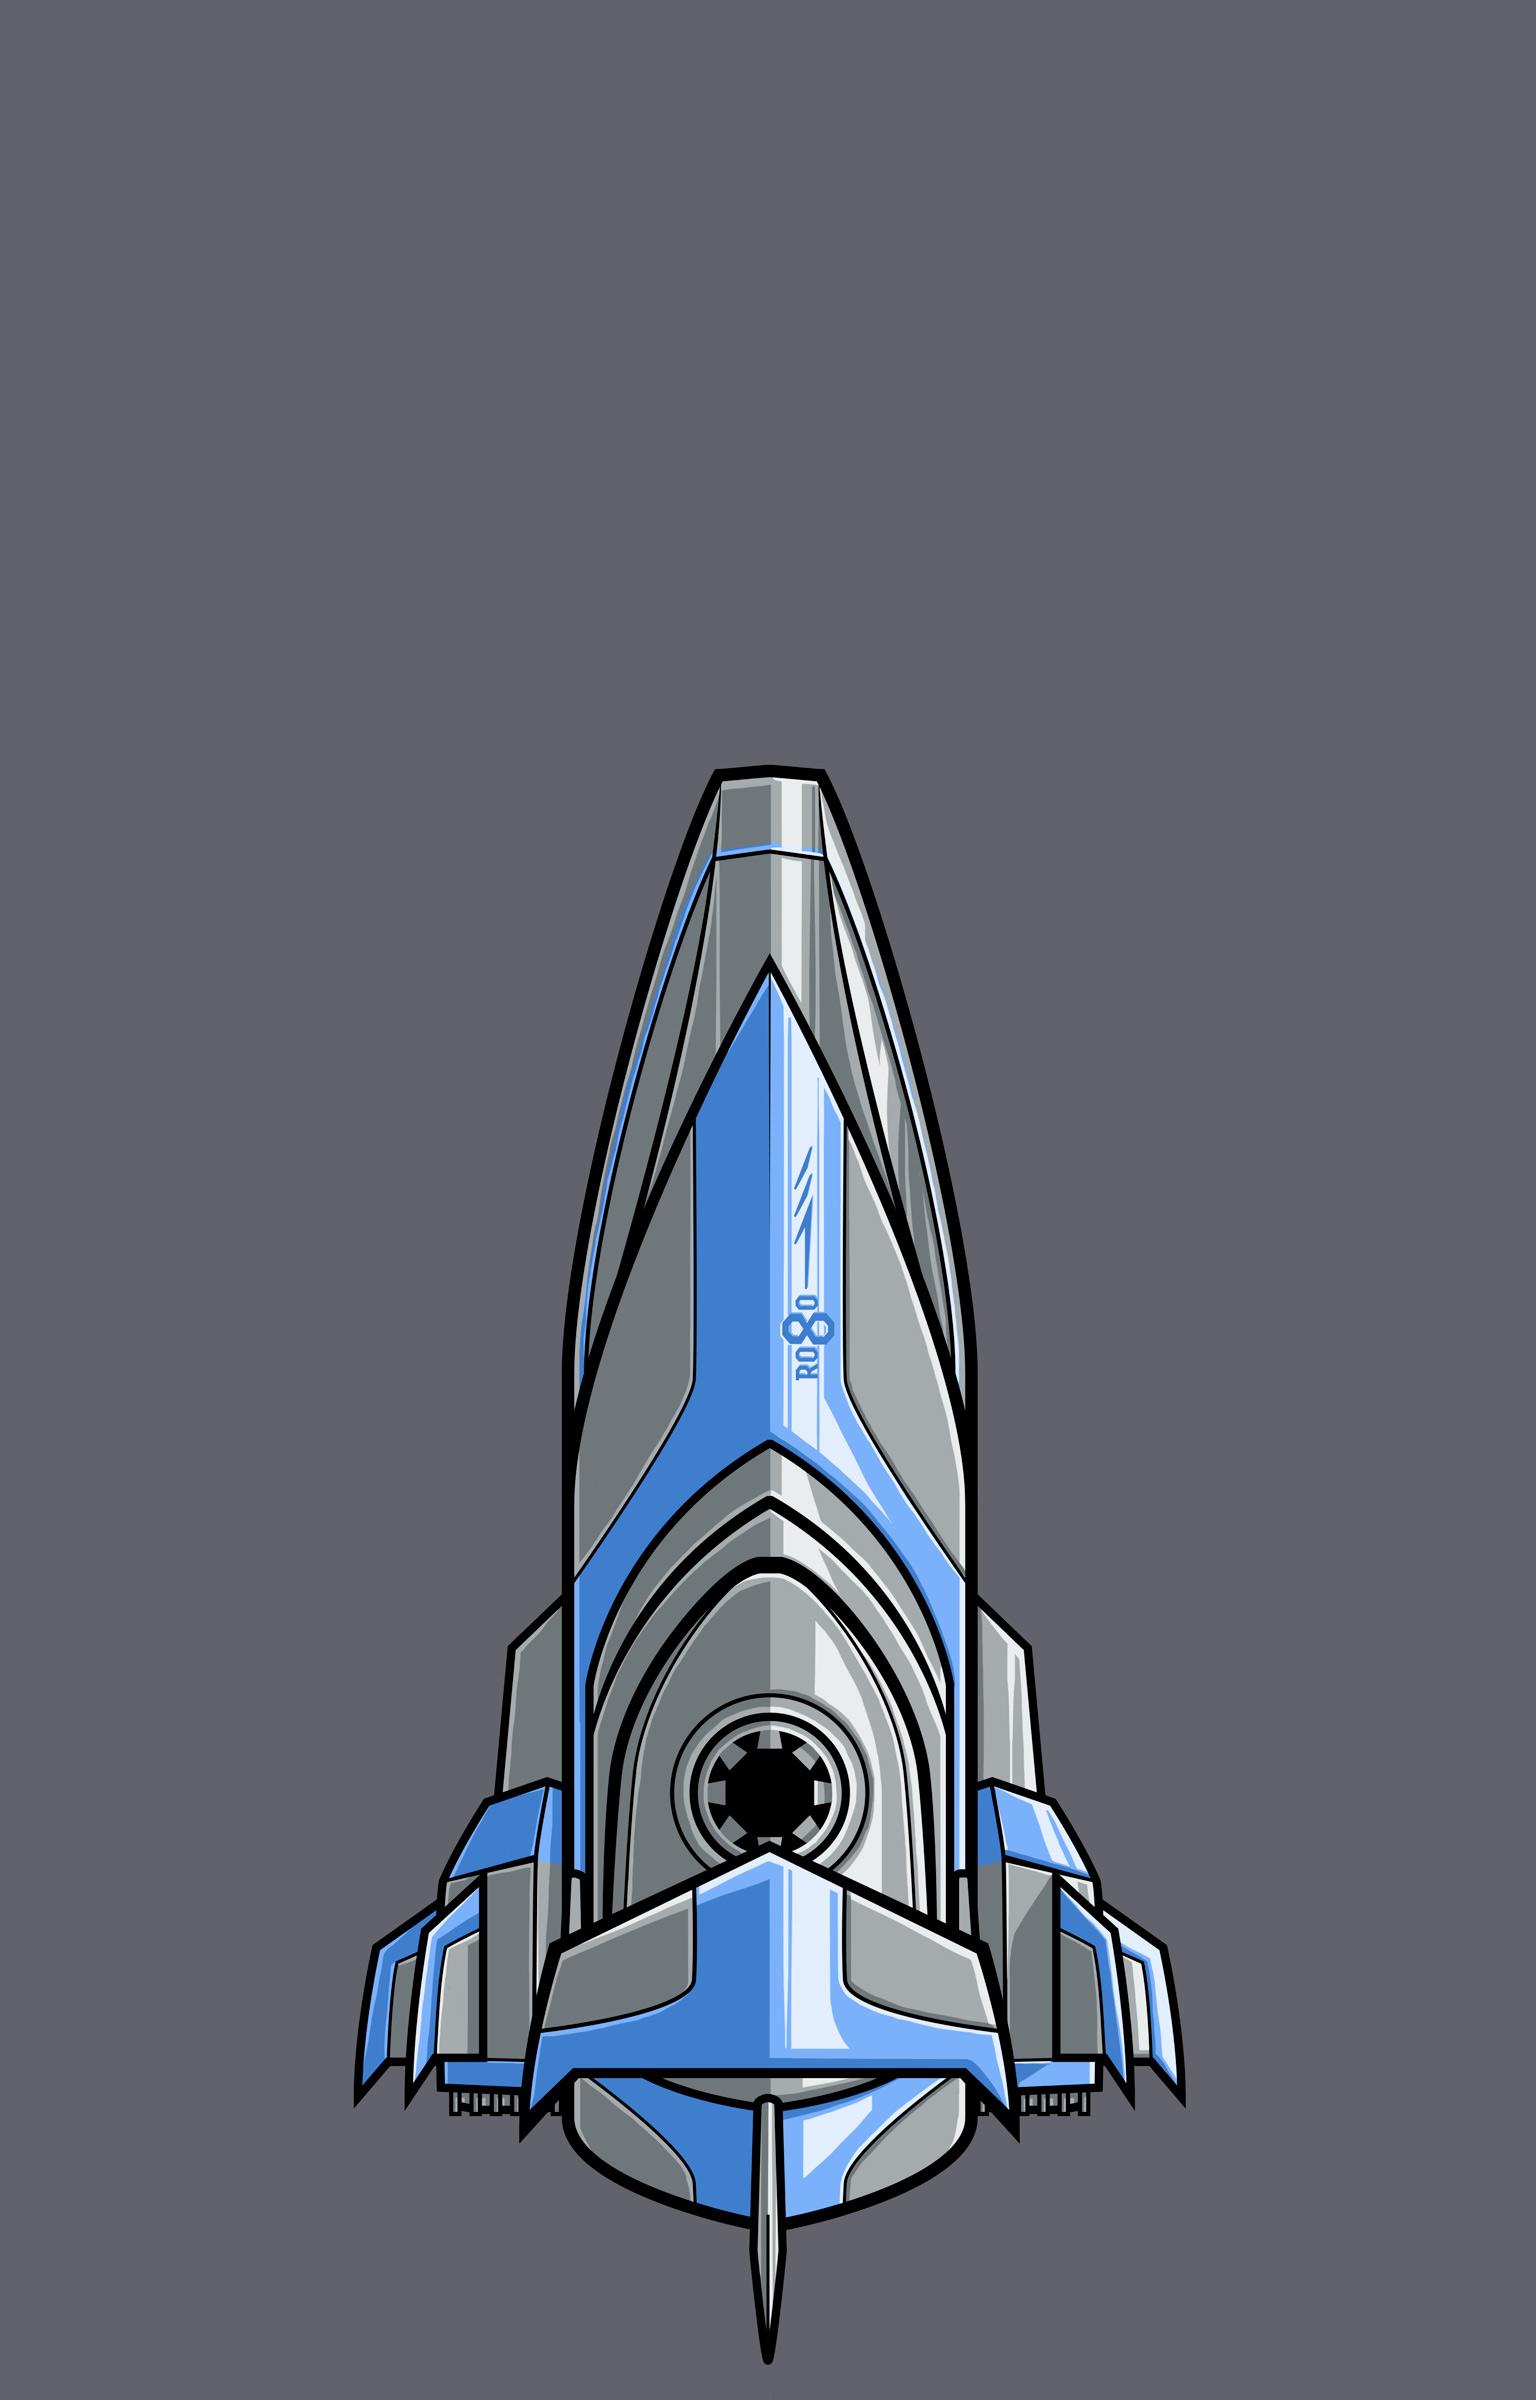 Ship_Ro8o_Dayna1.jpg